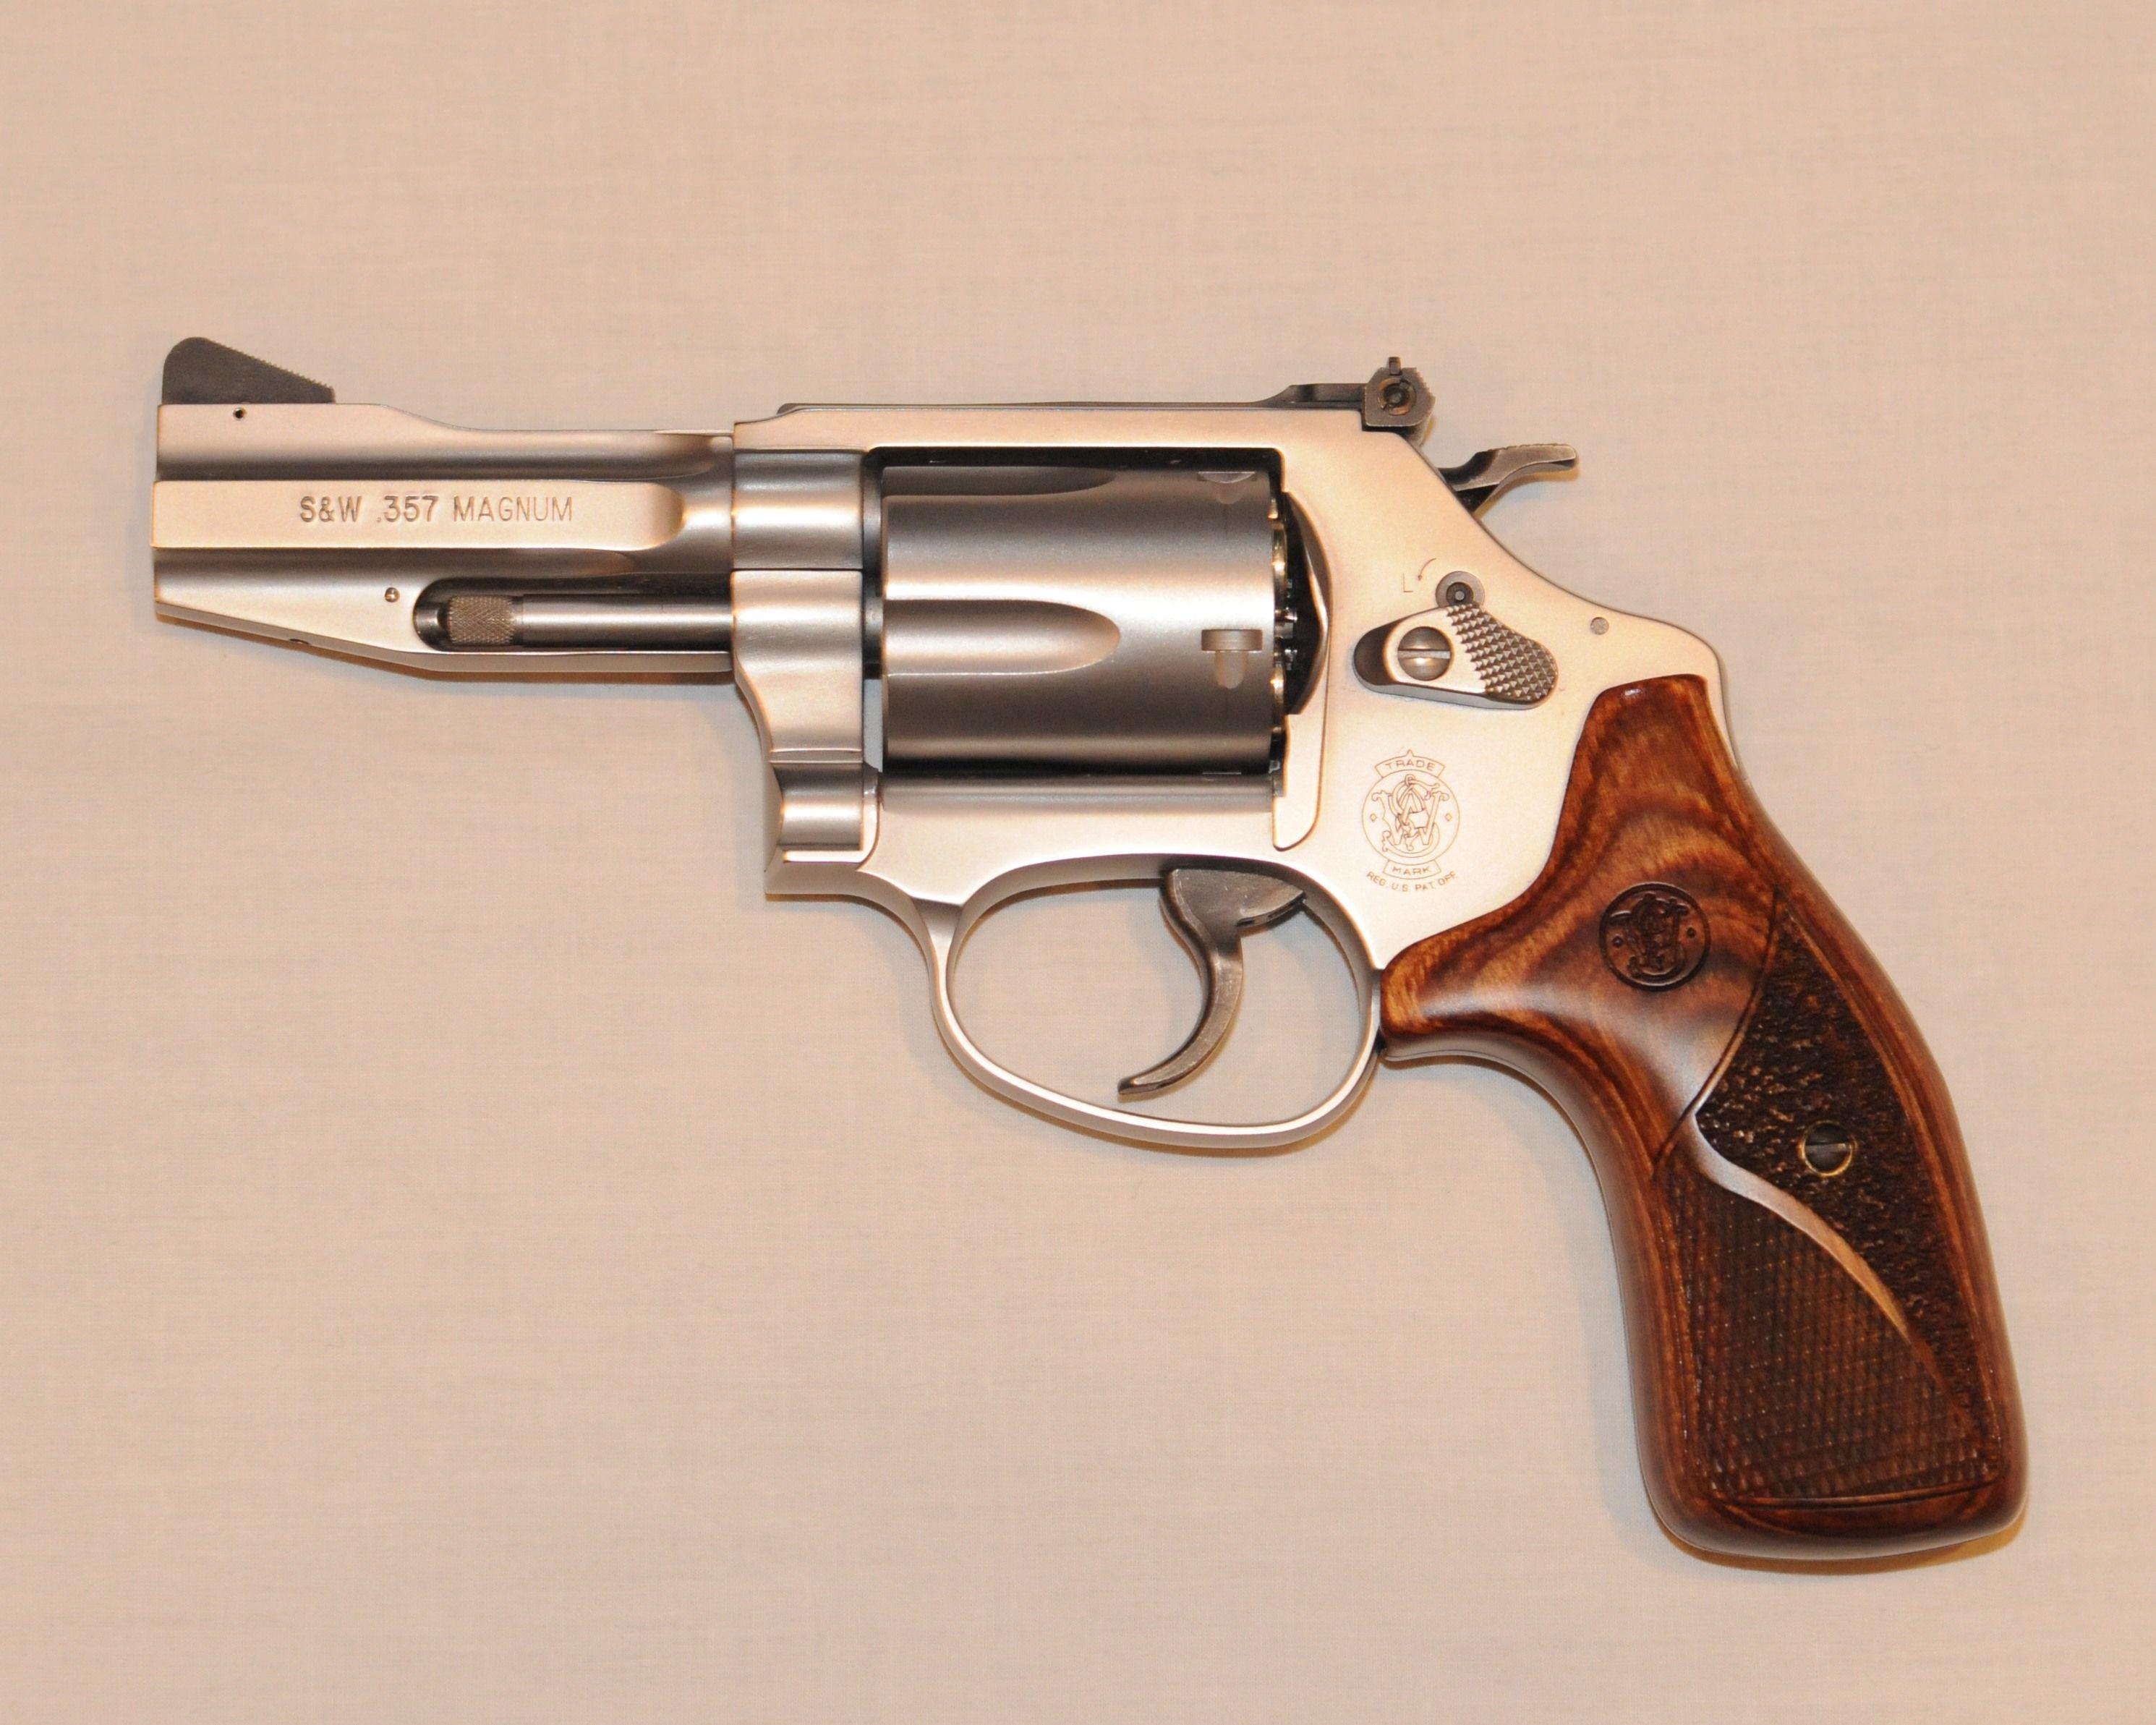 Dating s&w revolvers in Australia